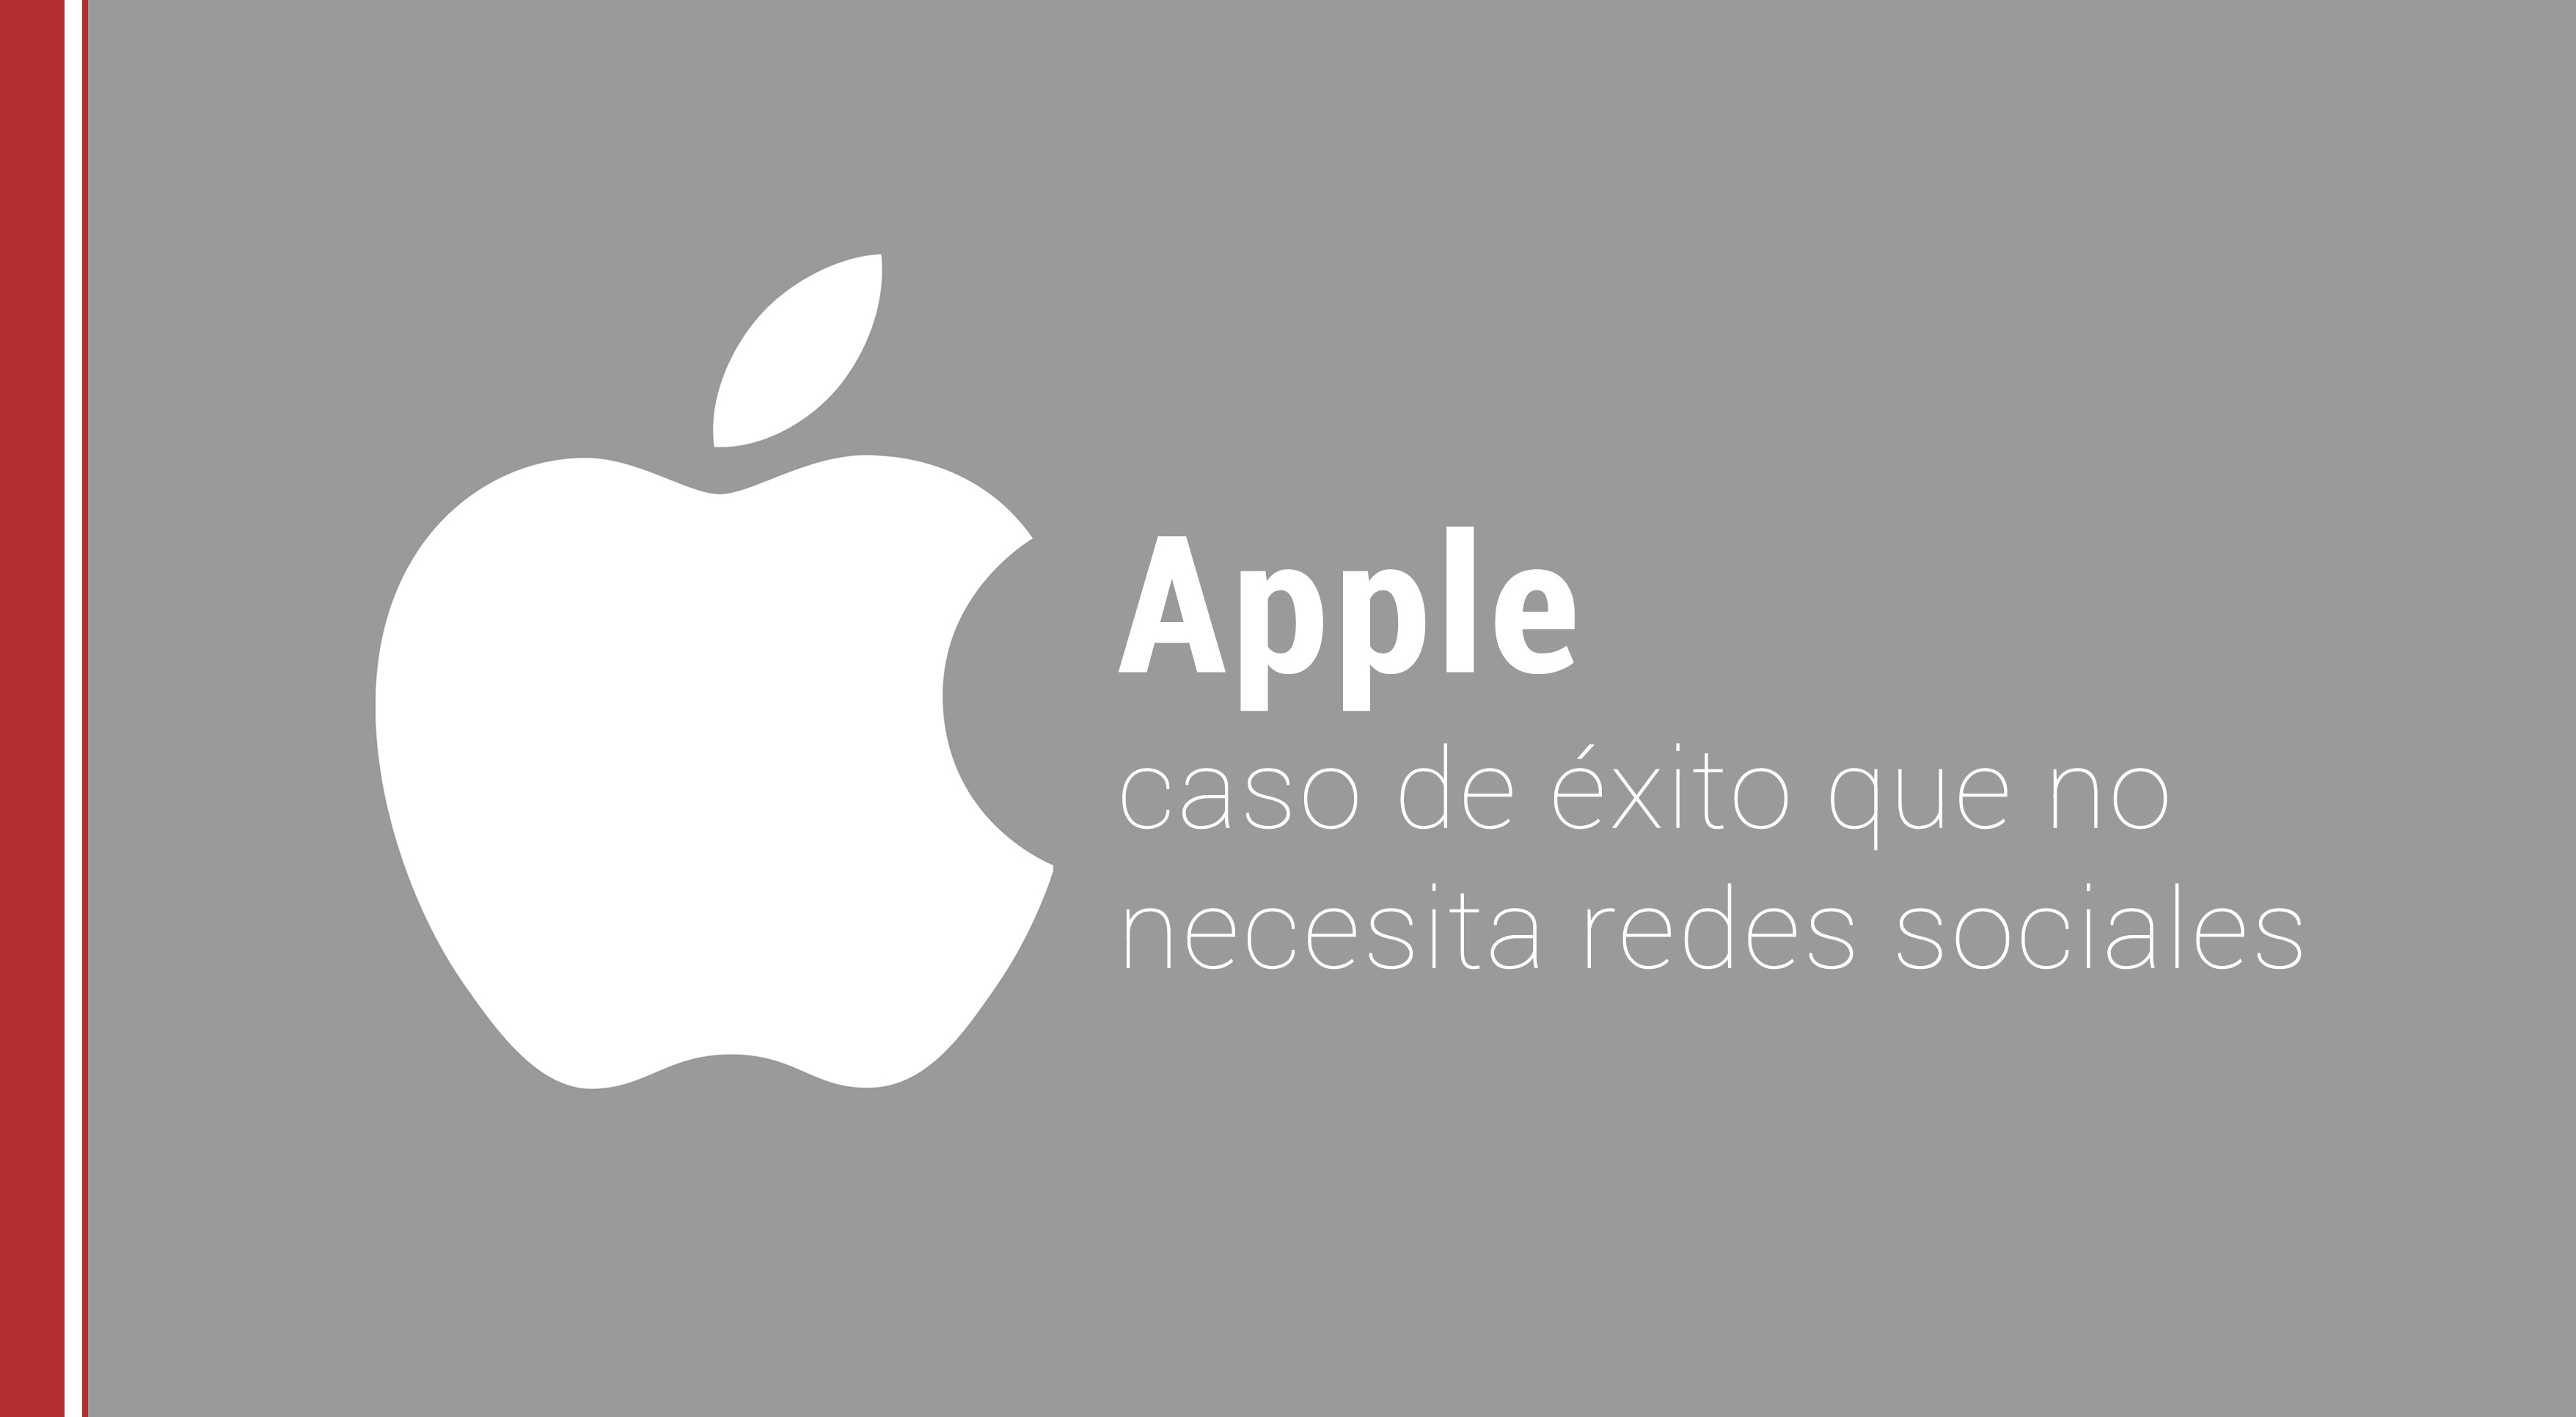 apple como caso de exito